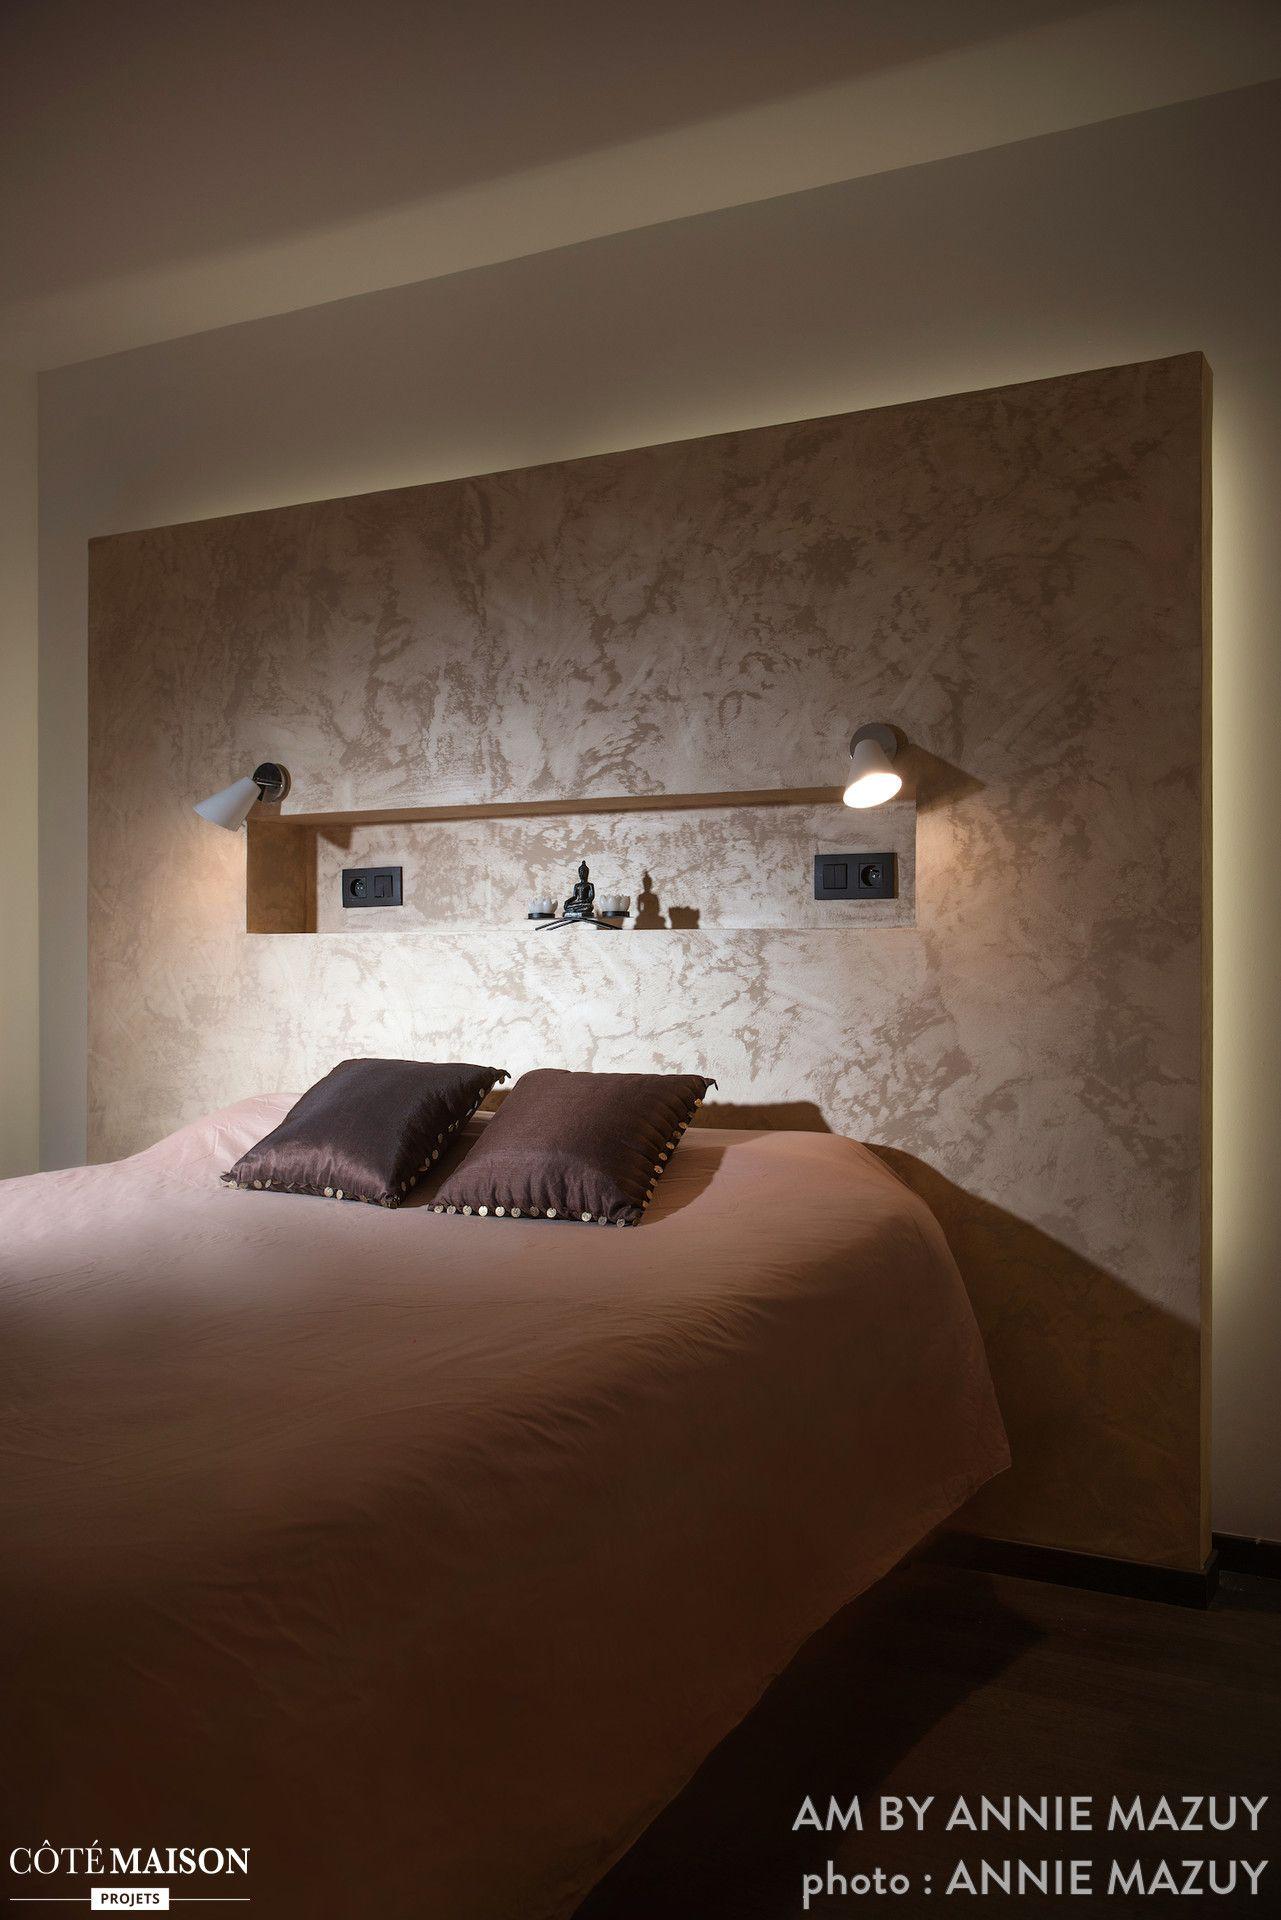 Une chambre avec une ambiance saharienne ou le sable de la